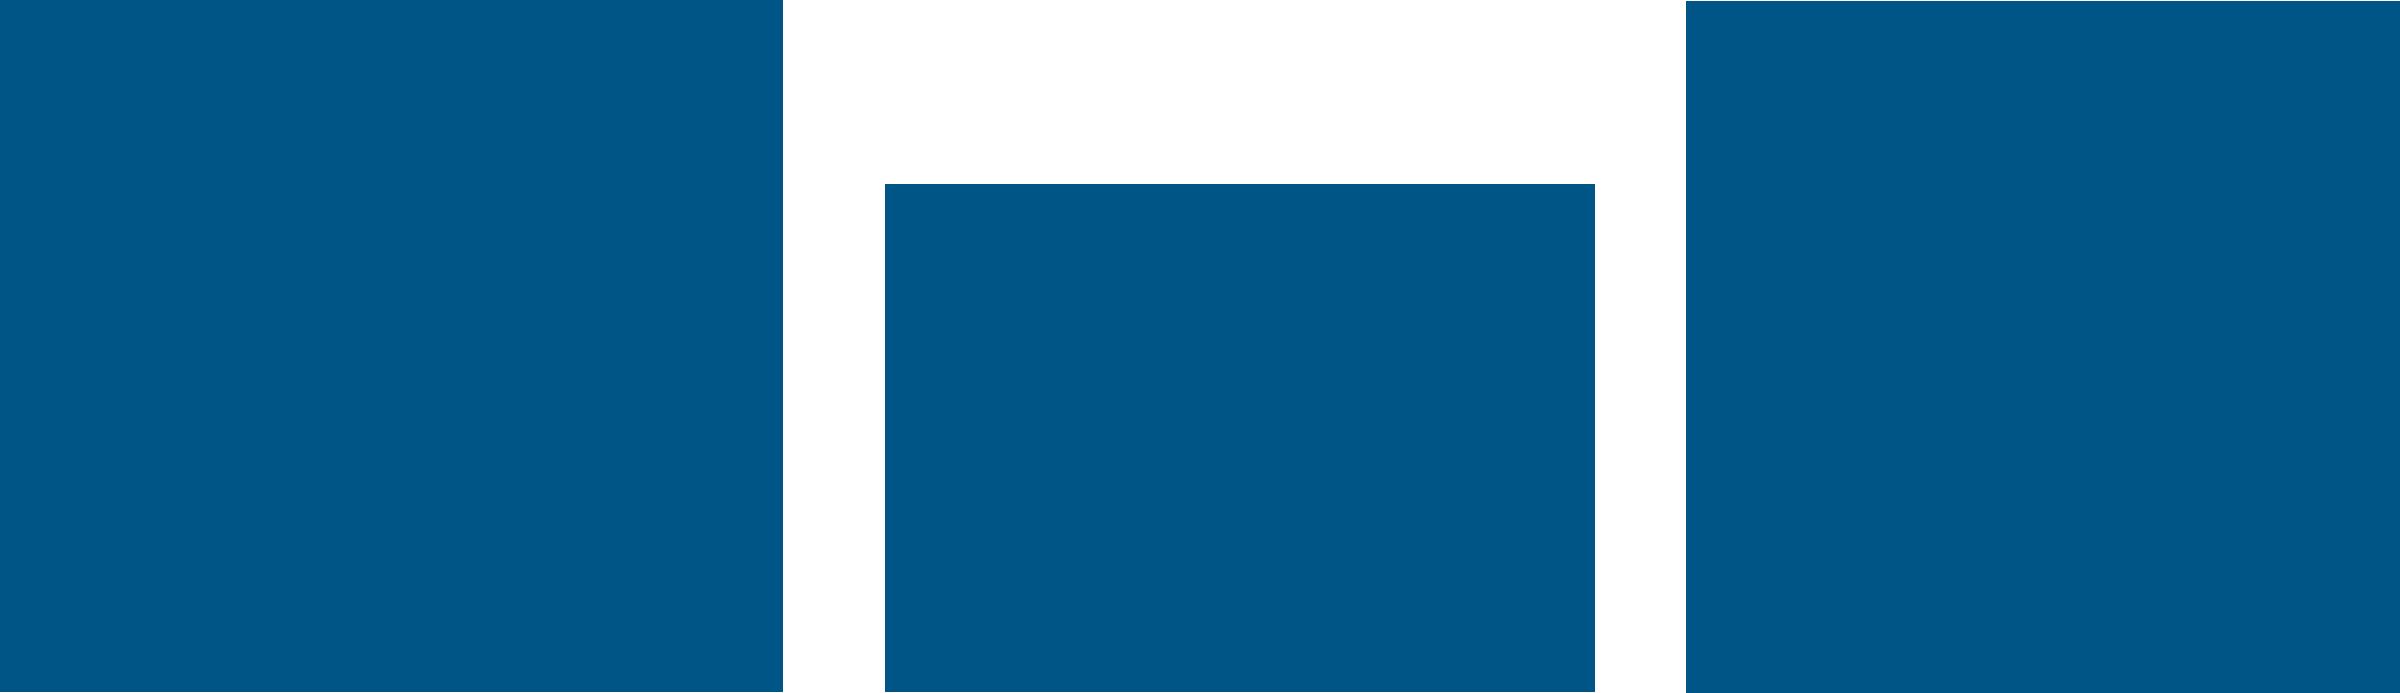 Huk_nonPF_Blue